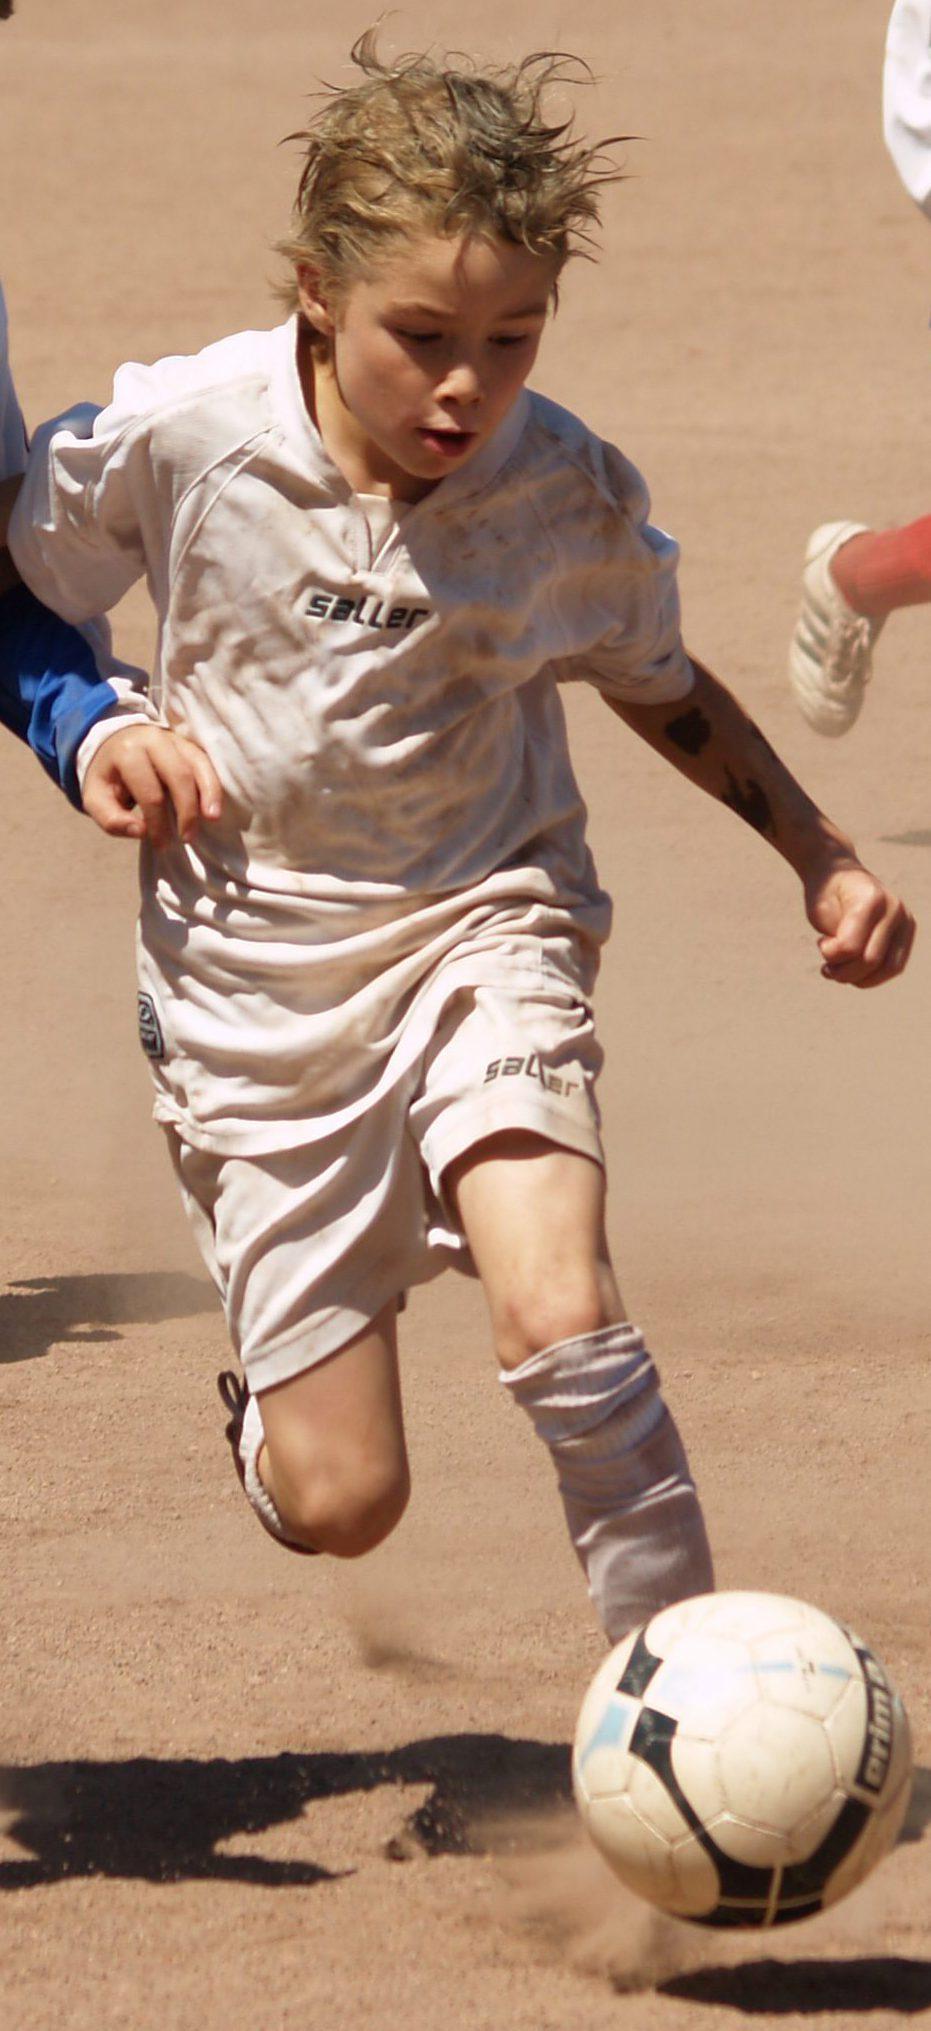 der kleine, unaufhalsame David beim HEBC-Turnier 2009 - stets in der Vorwärtsbewegung